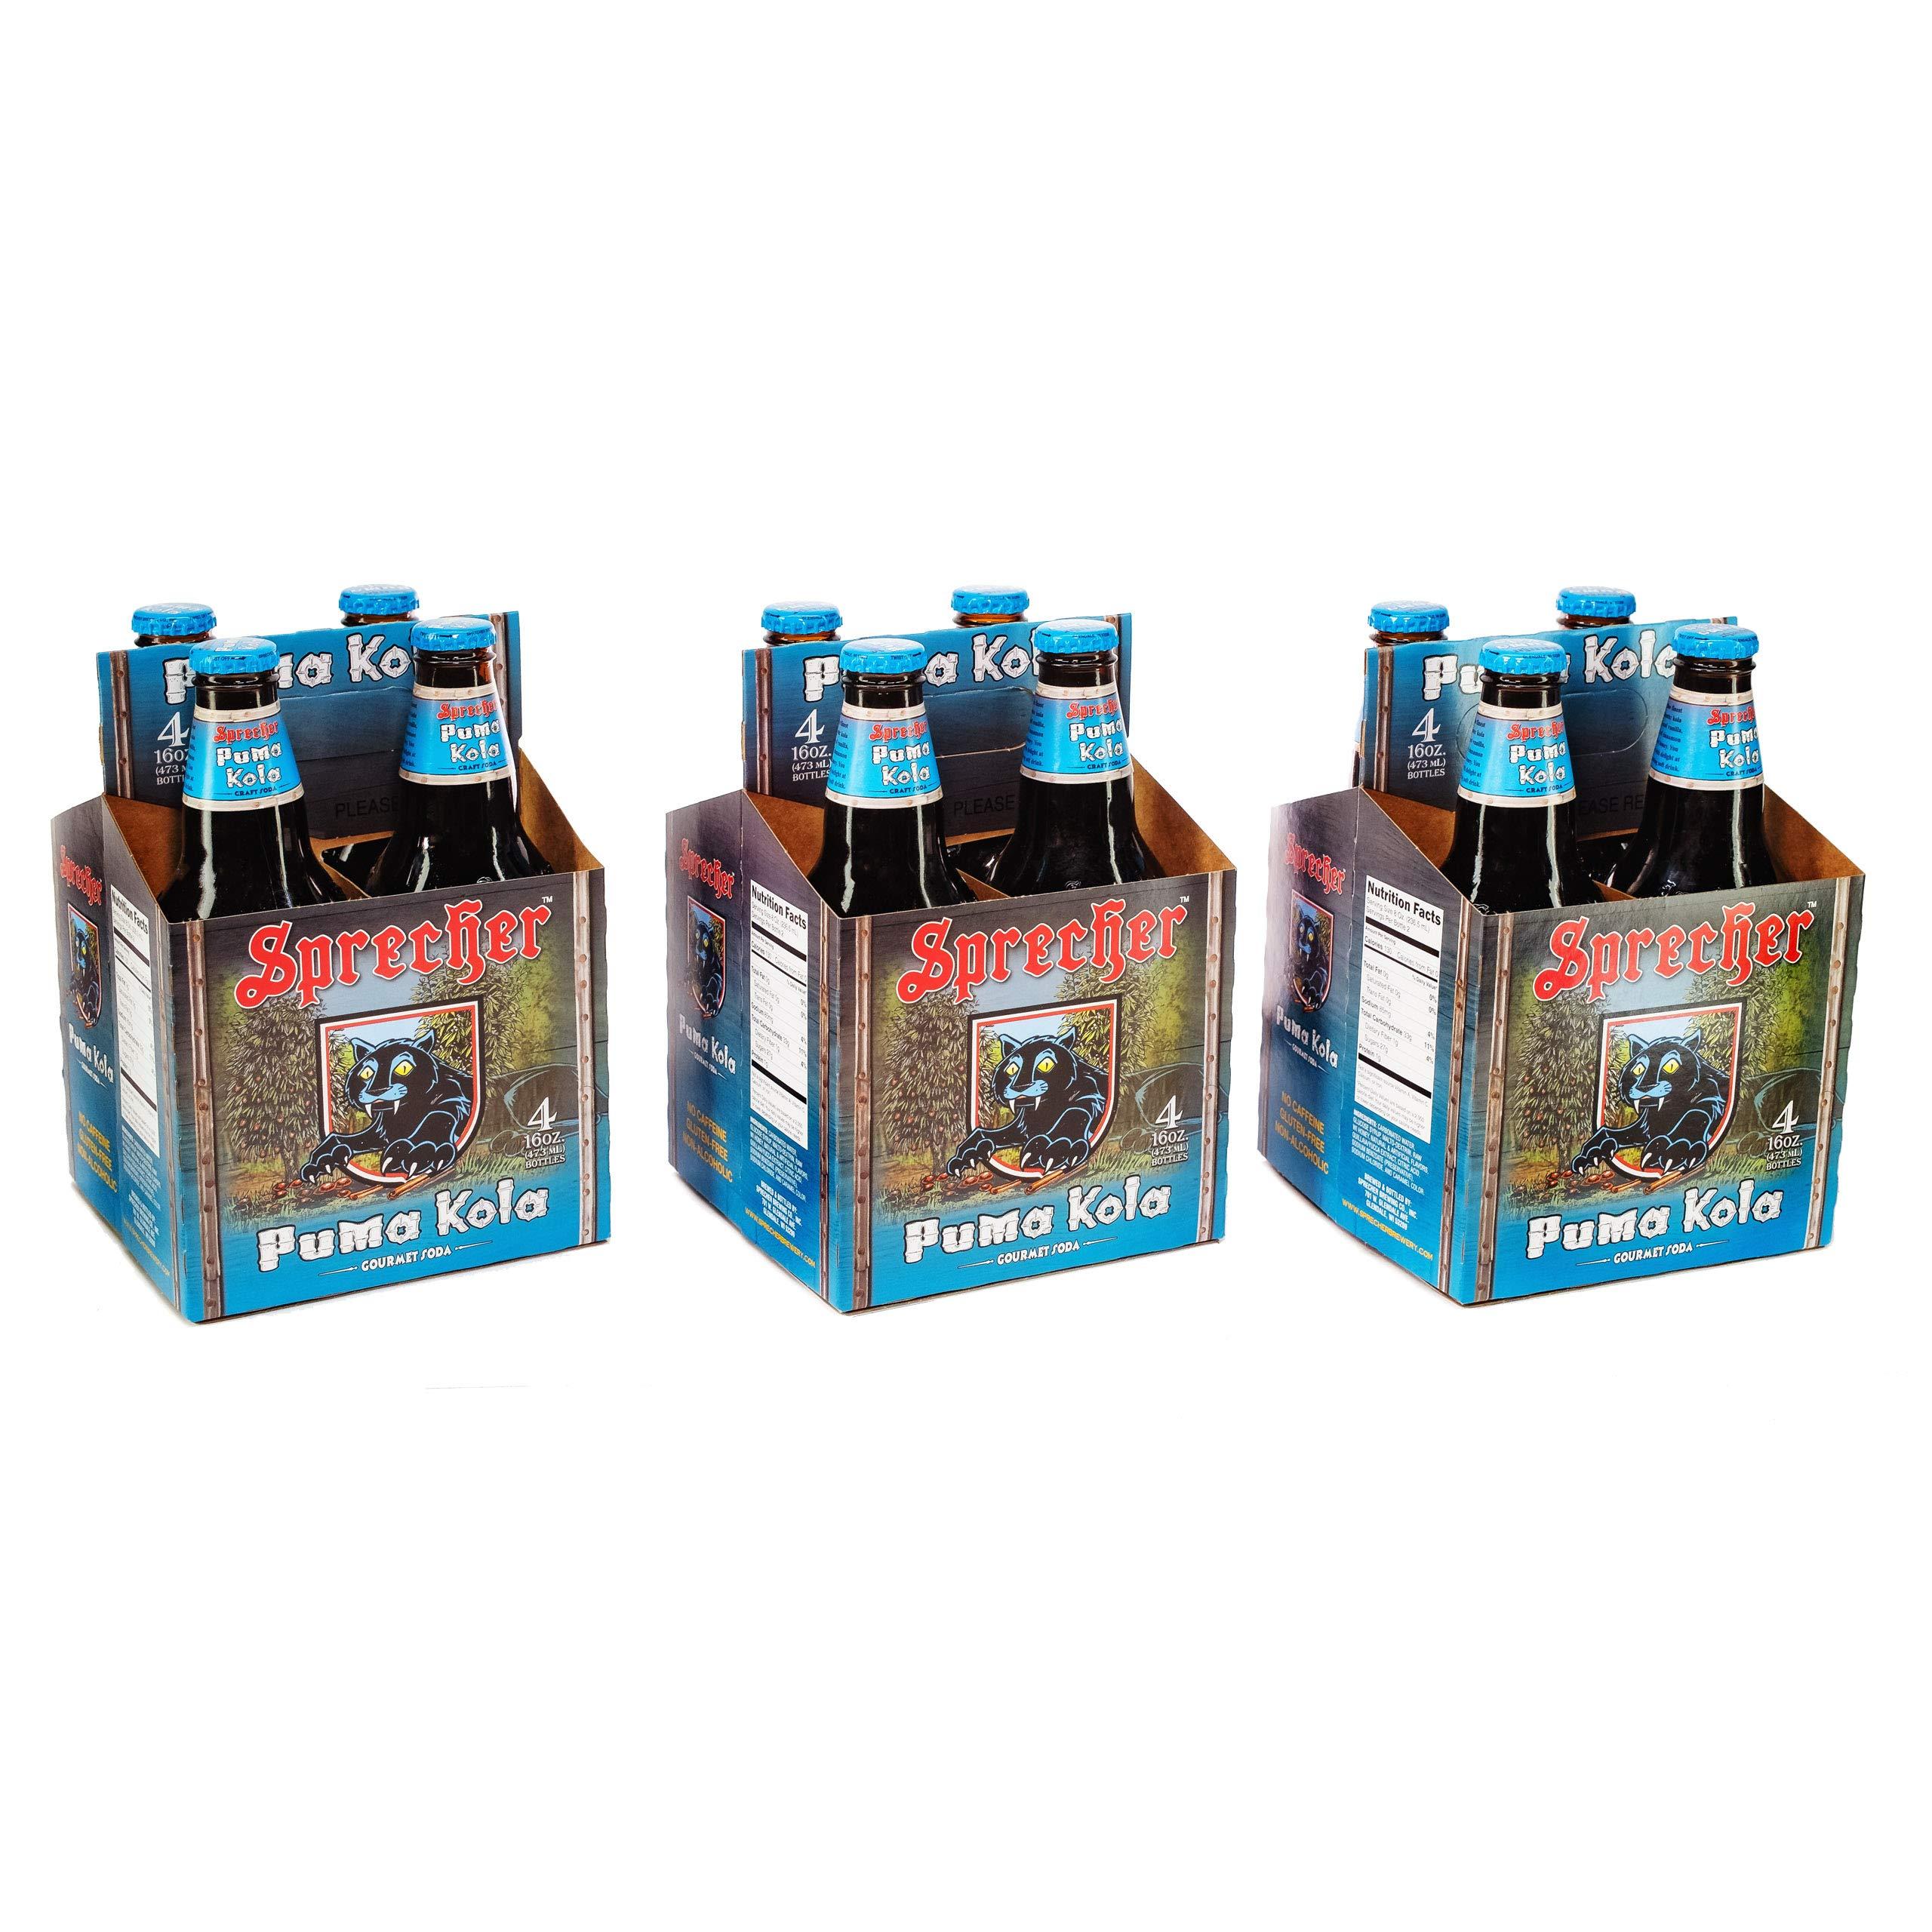 Sprecher Puma Kola, Fire-Brewed Gourmet Craft Soda, Glass Bottle, 16oz, 12 Pack